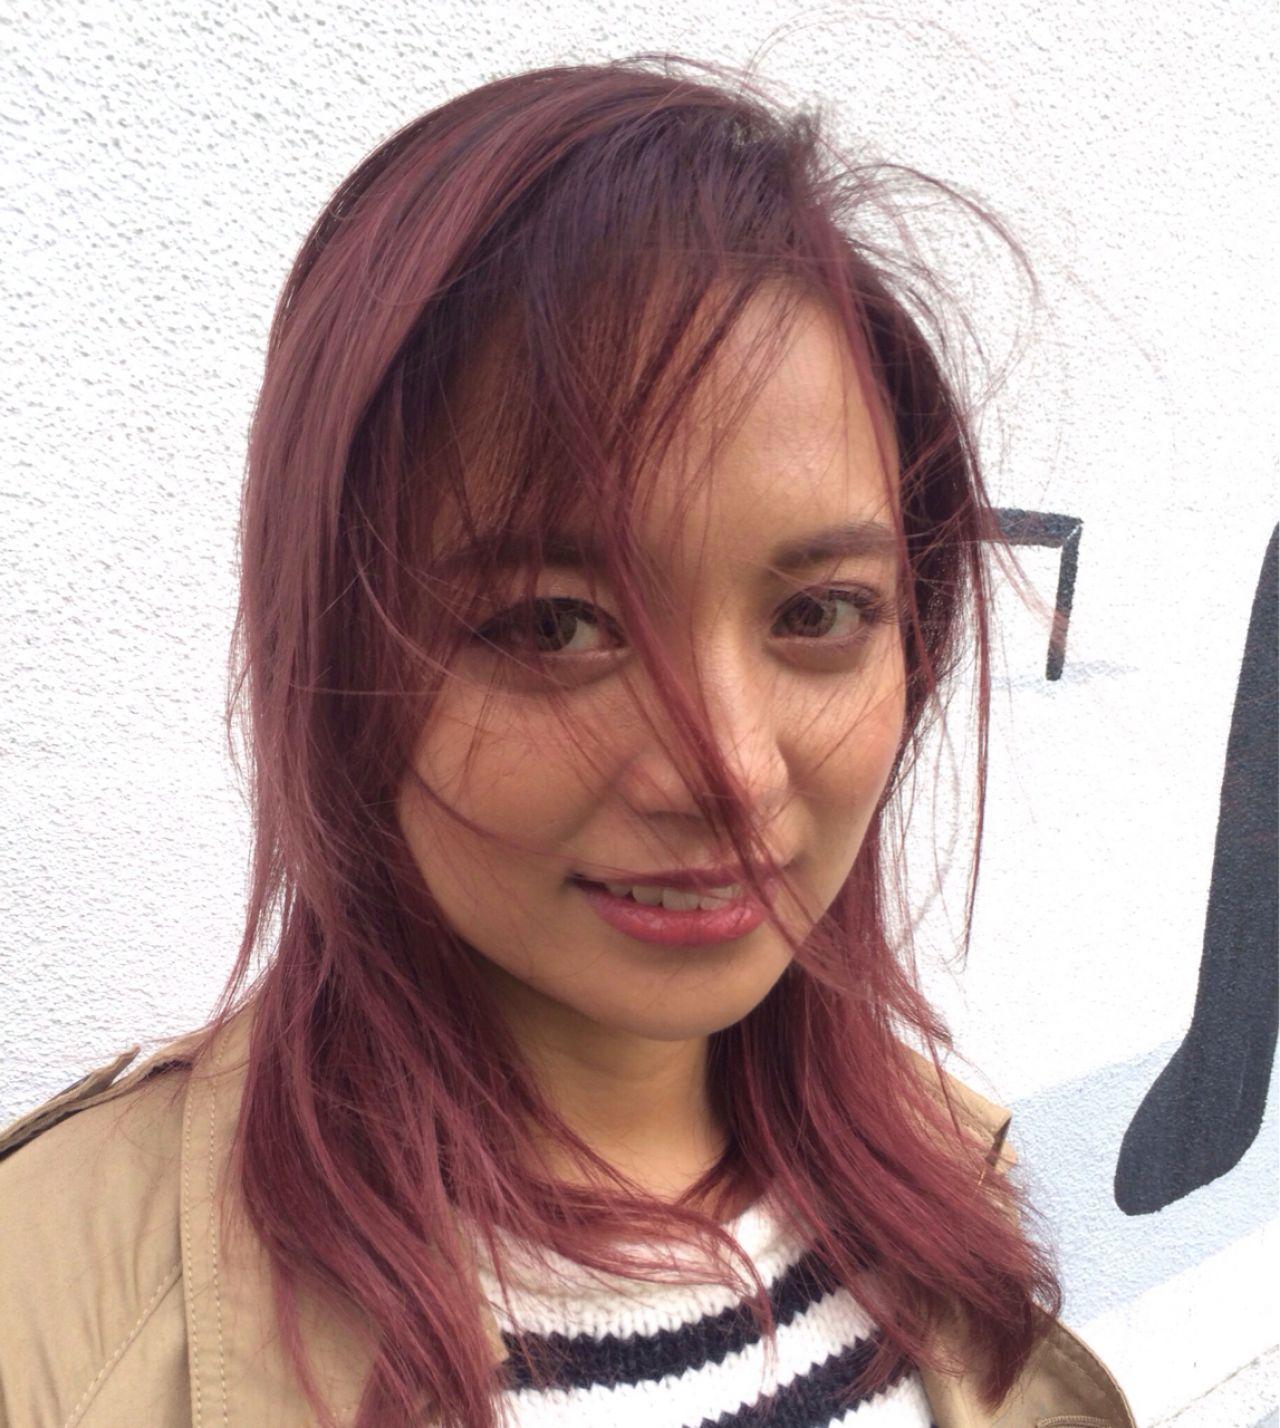 グラデーションカラー ロブ シースルーバング ストリートヘアスタイルや髪型の写真・画像